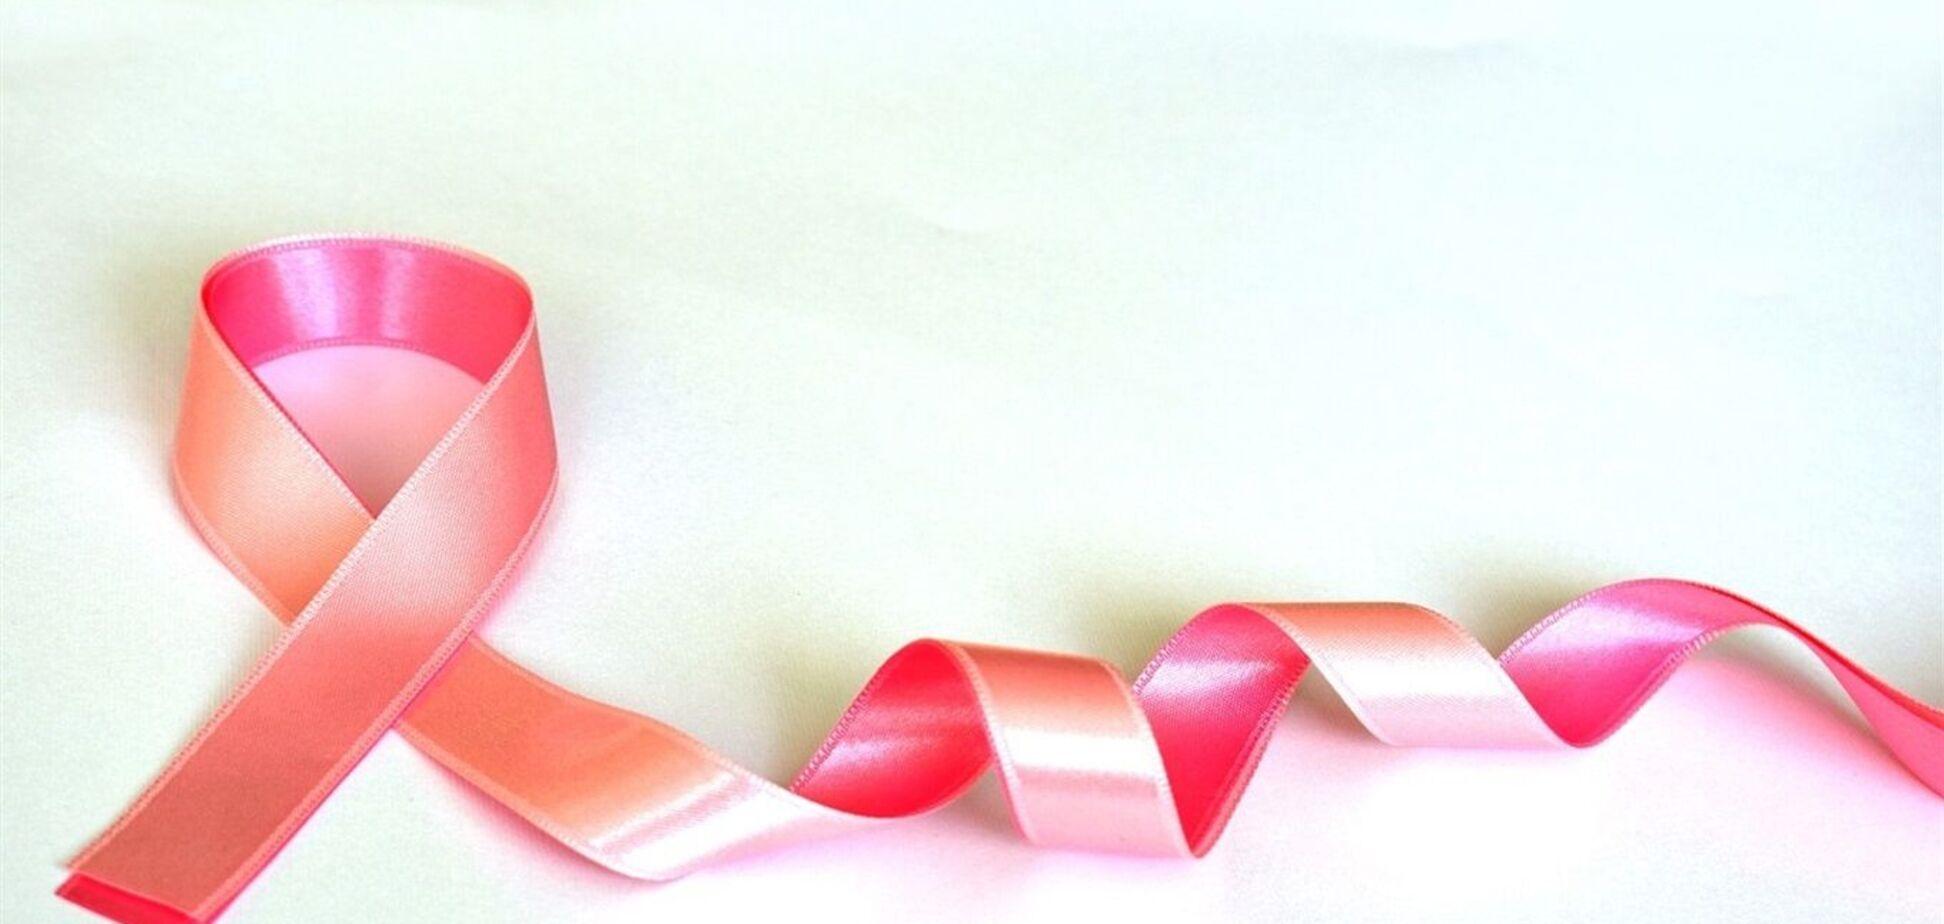 Рак молочной железы – одна из наибольших угроз жизни женщин